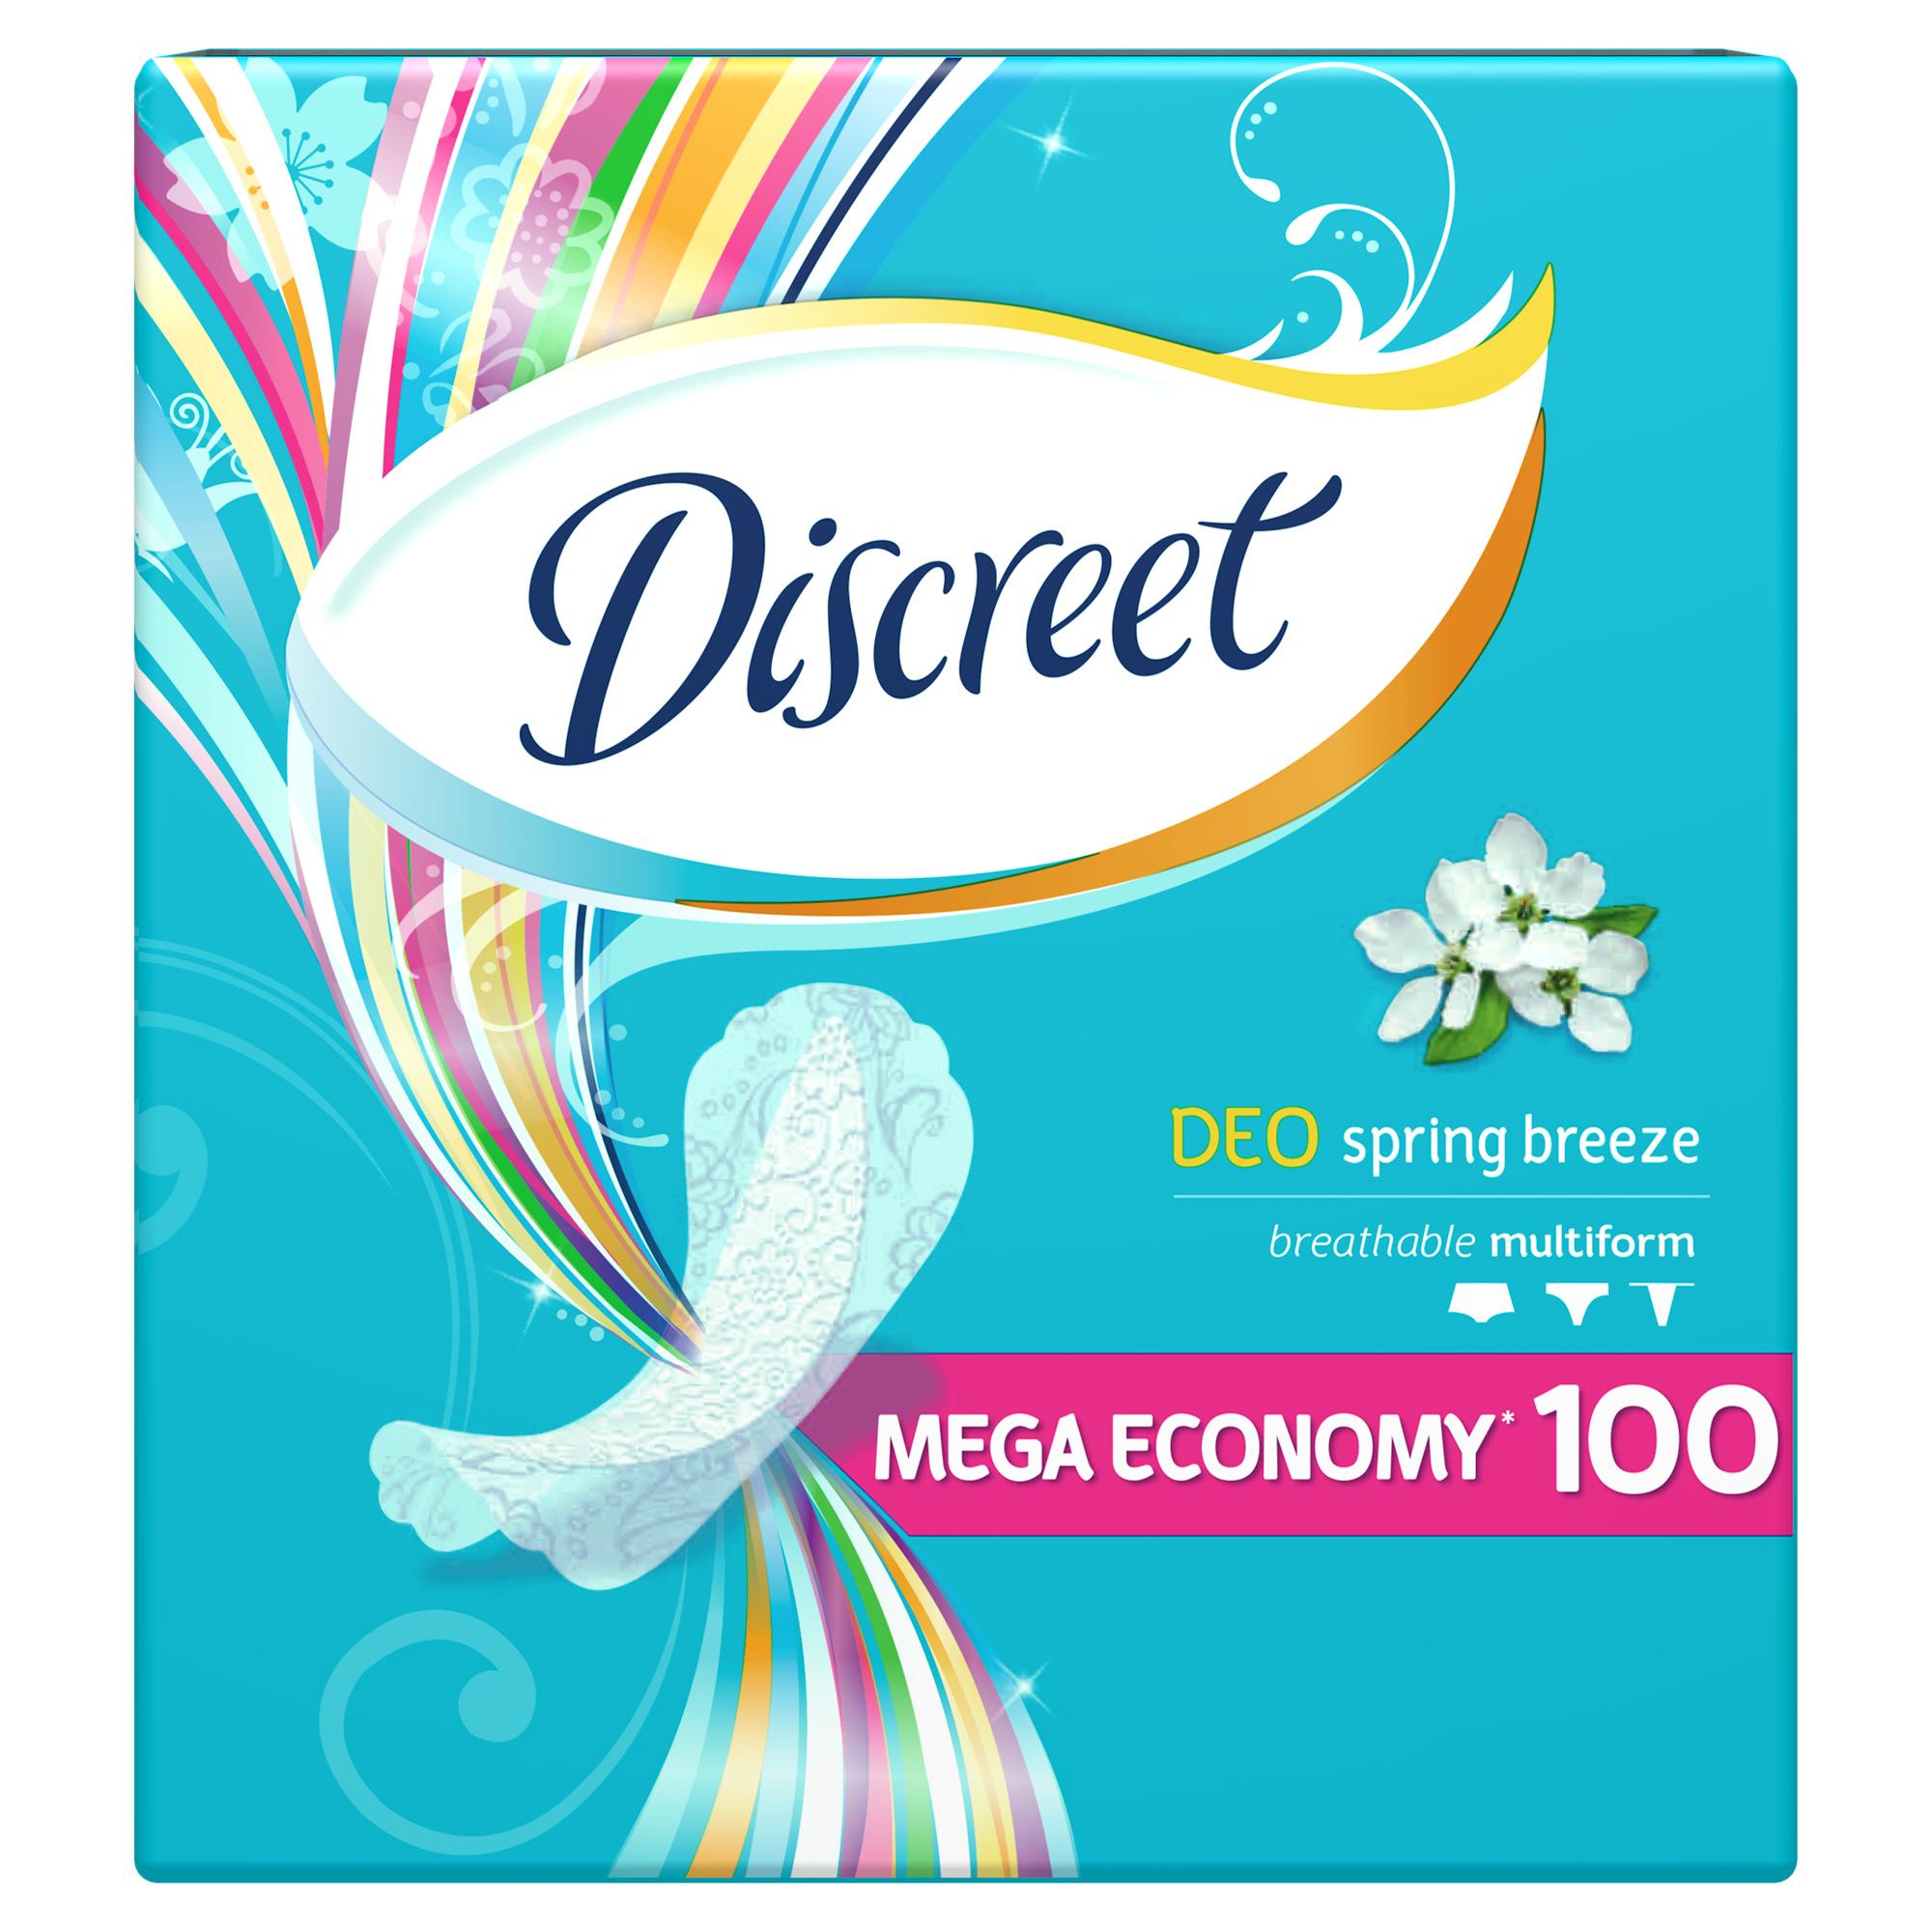 Discreet Женские гигиенические прокладки на каждый день Deo Spring Breeze Multiform 100шт ПрепКороб цена